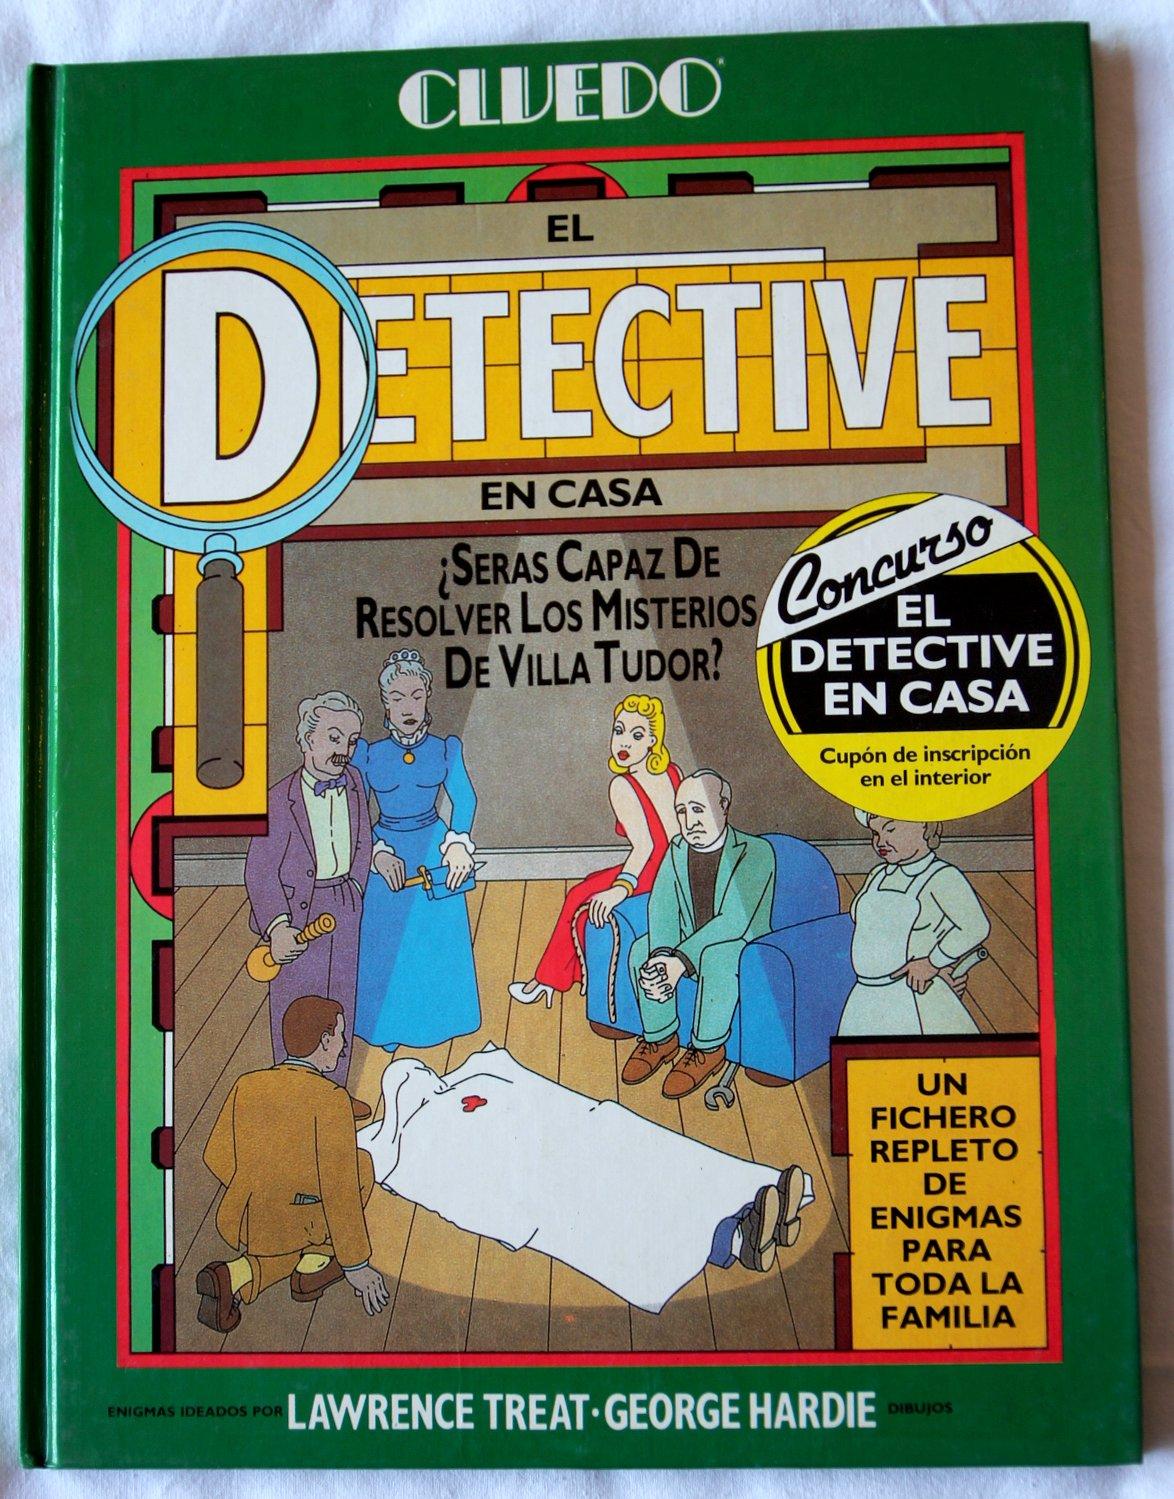 El detective en casa - Cluedo: Amazon.es: Lawrence Treat, George Hardie, Quarto: Libros